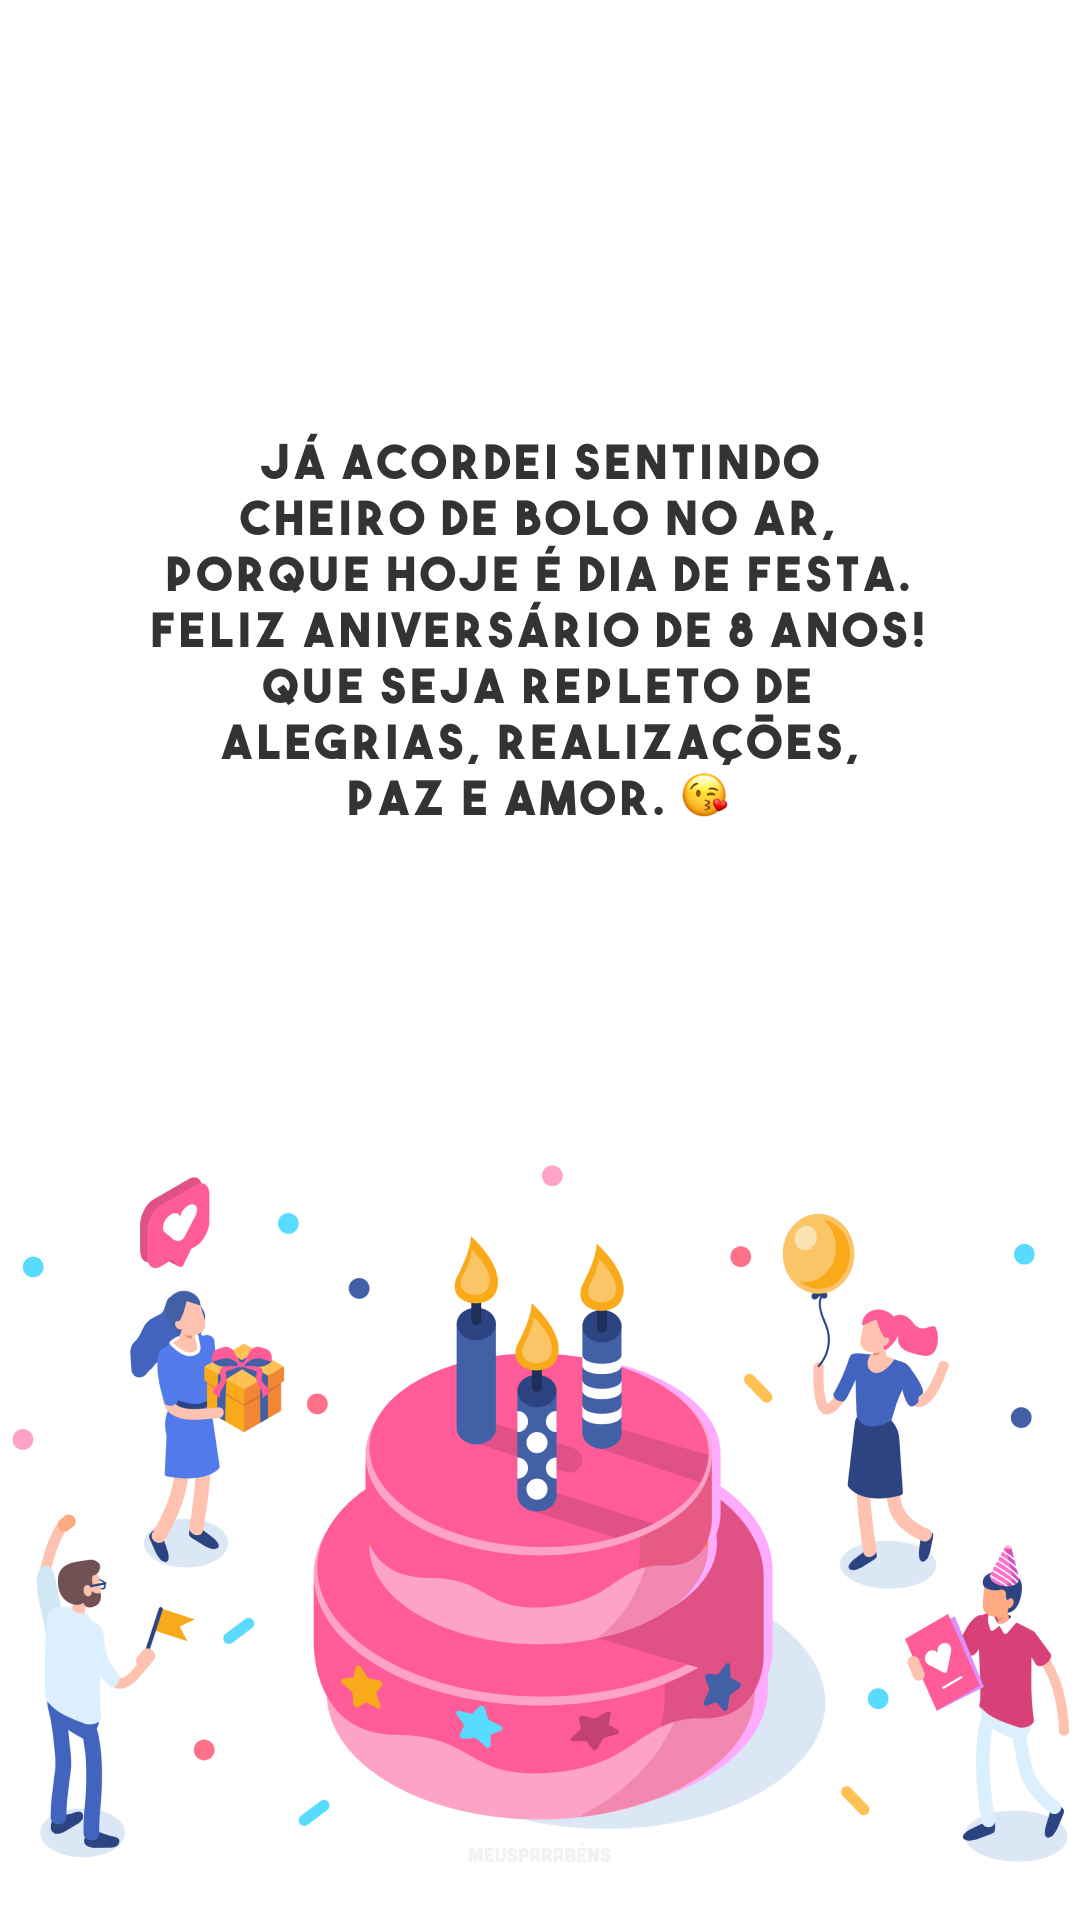 Já acordei sentindo cheiro de bolo no ar, porque hoje é dia de festa. Feliz aniversário de 8 anos! Que seja repleto de alegrias, realizações, paz e amor. 😘